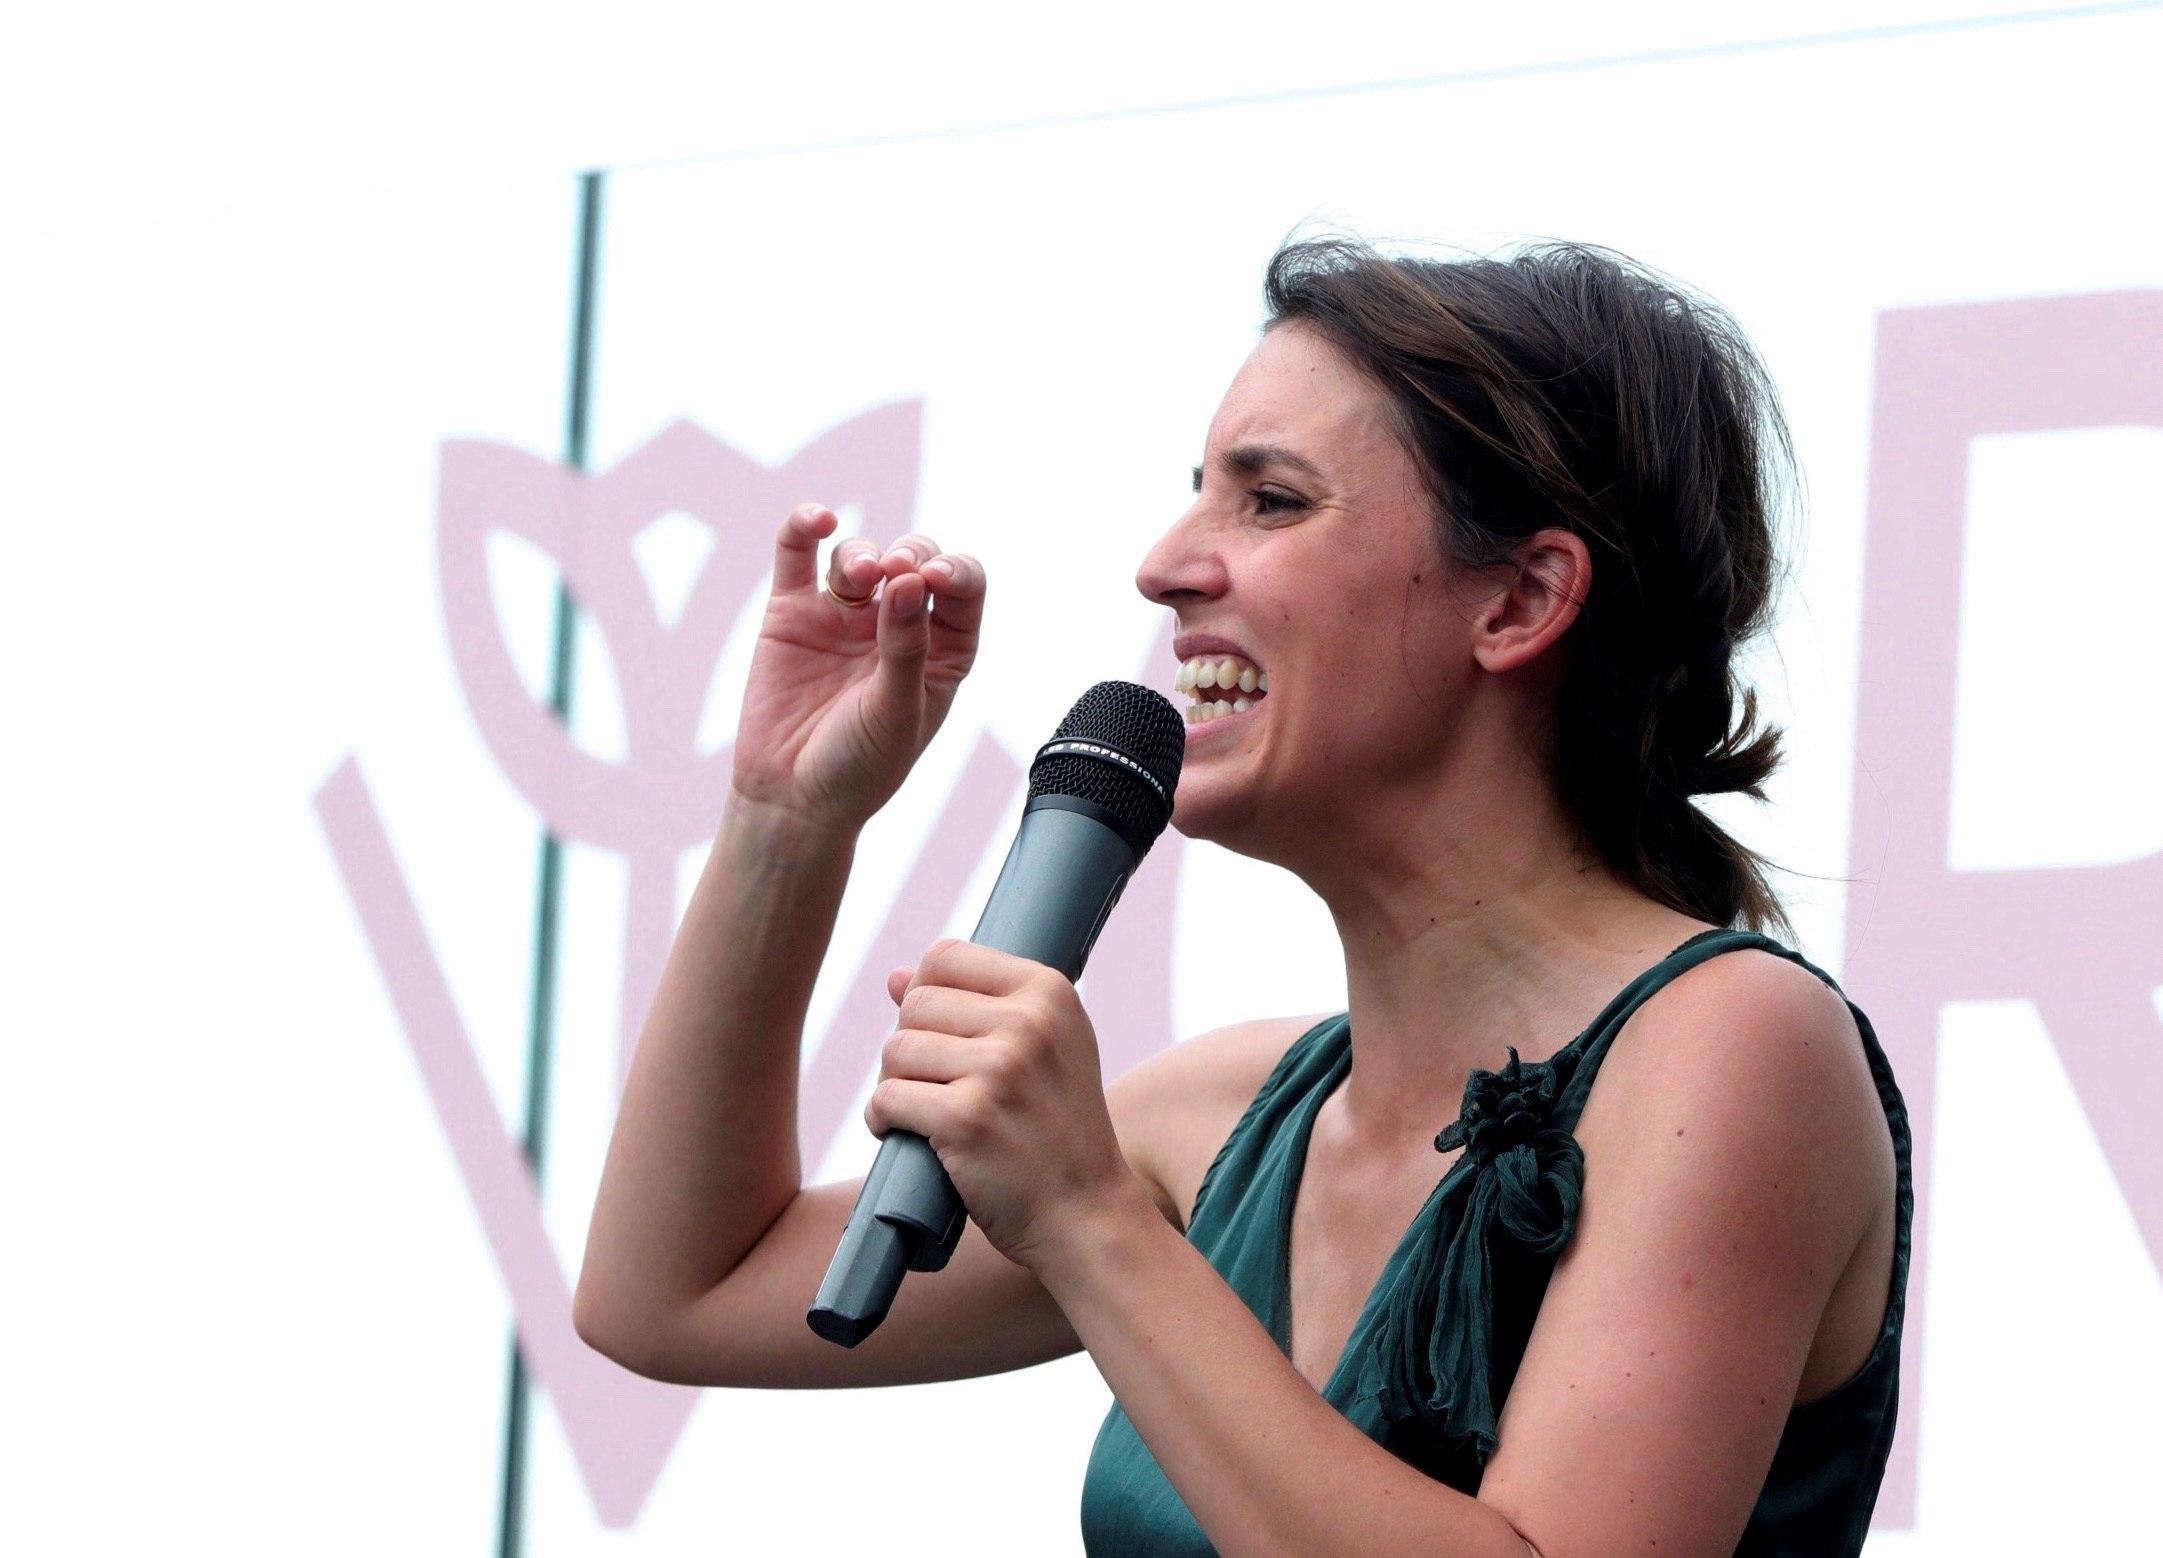 La ministra de Igualdad, Irene Montero, el viernes en Zaragoza.